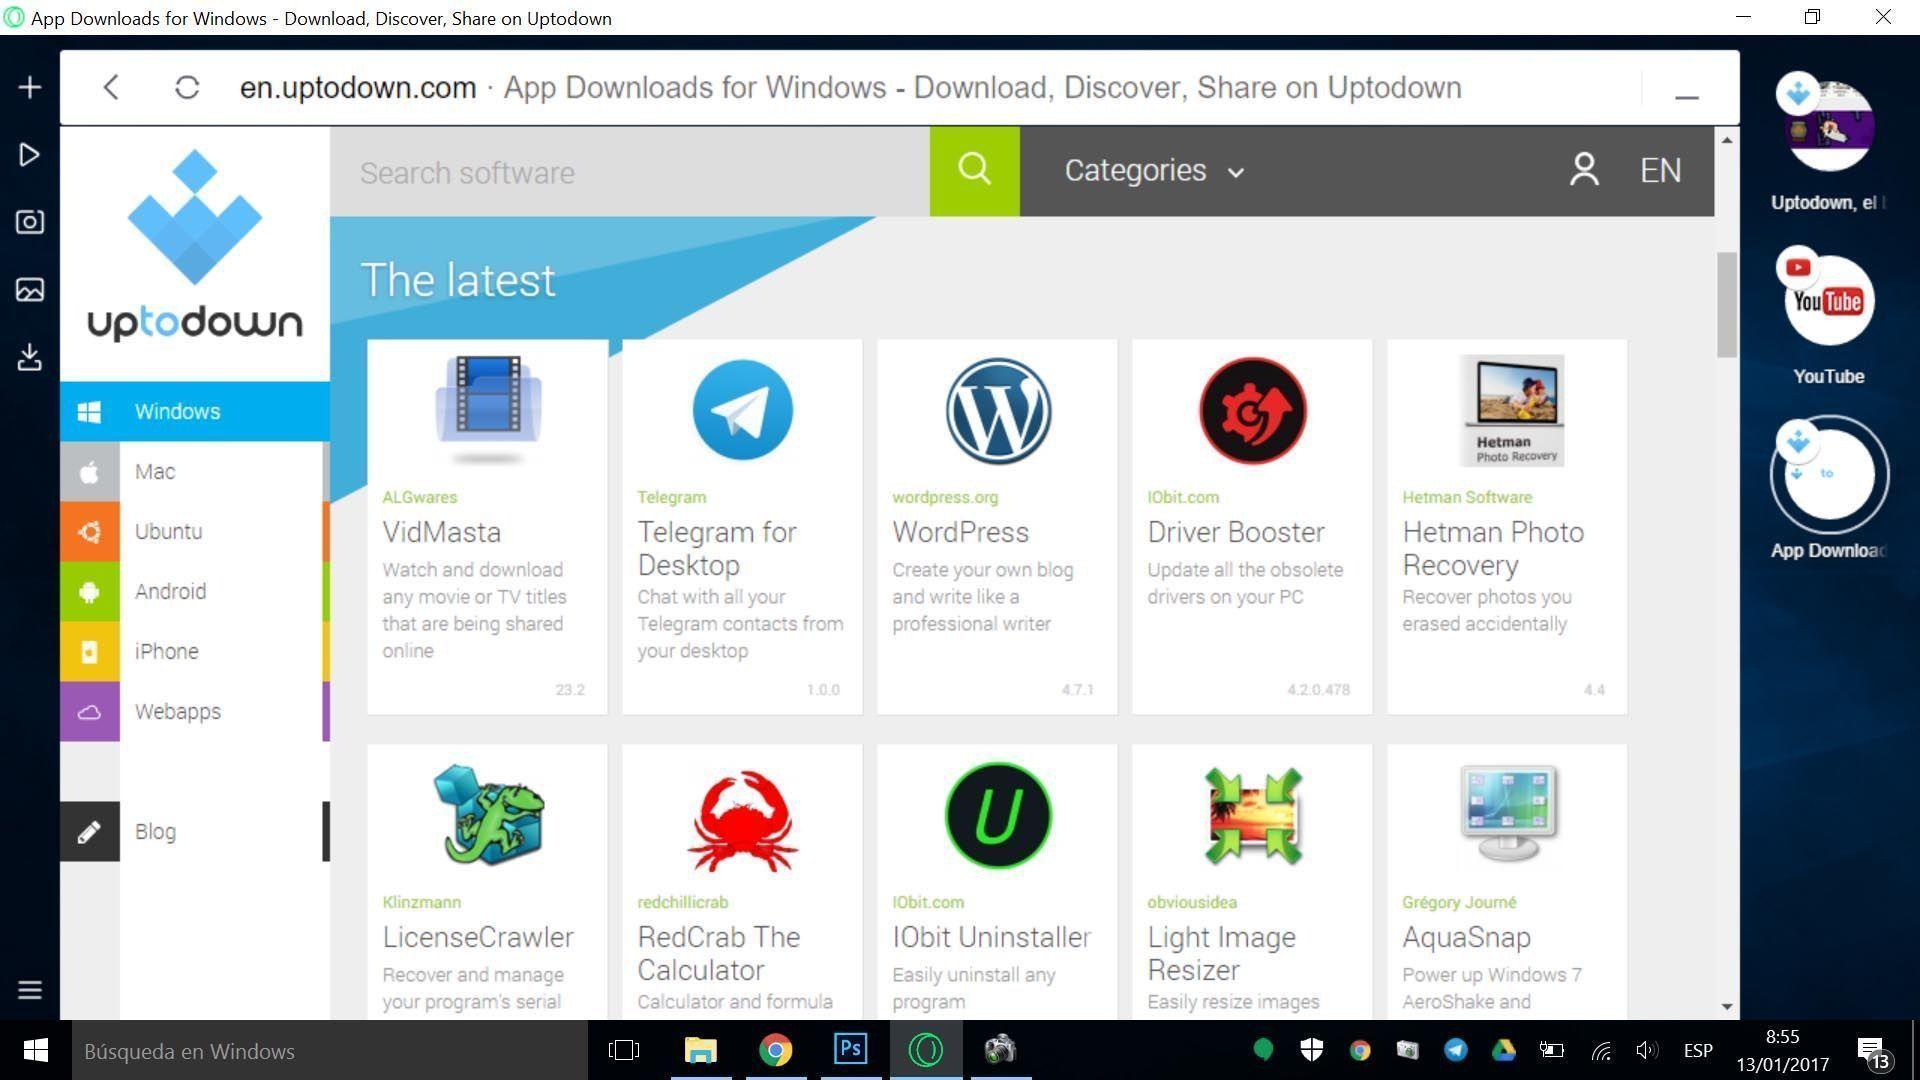 opera neon 2 Opera lanza Neon, su nuevo navegador de escritorio